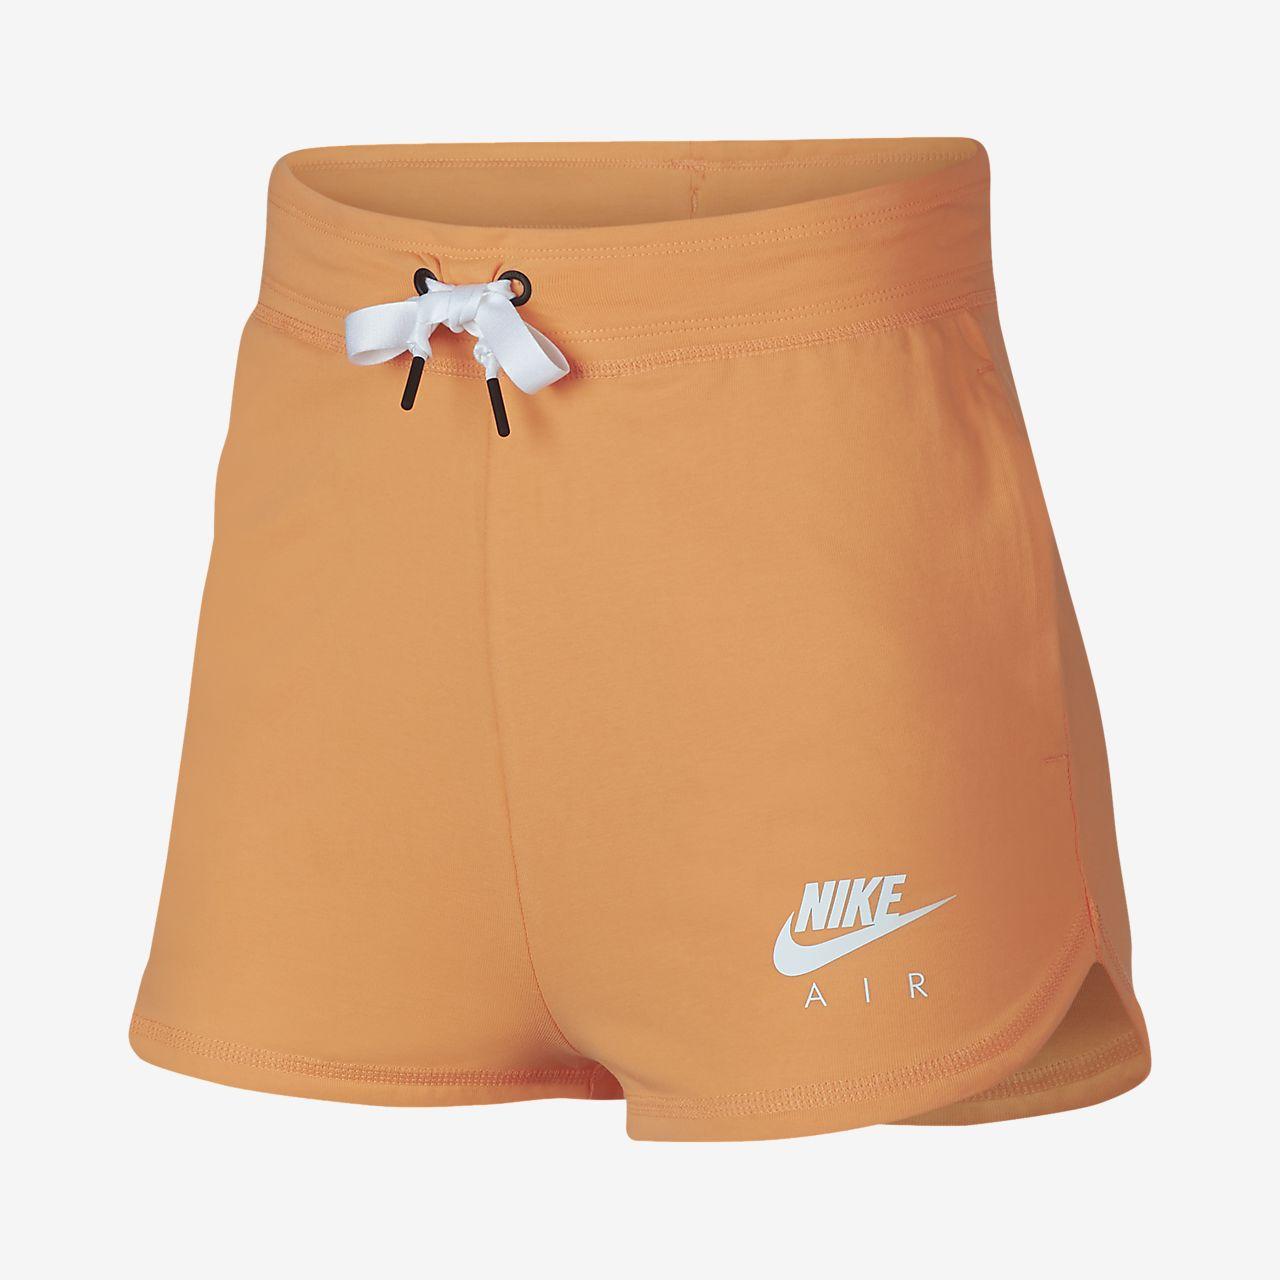 Nike Air-shorts til kvinder